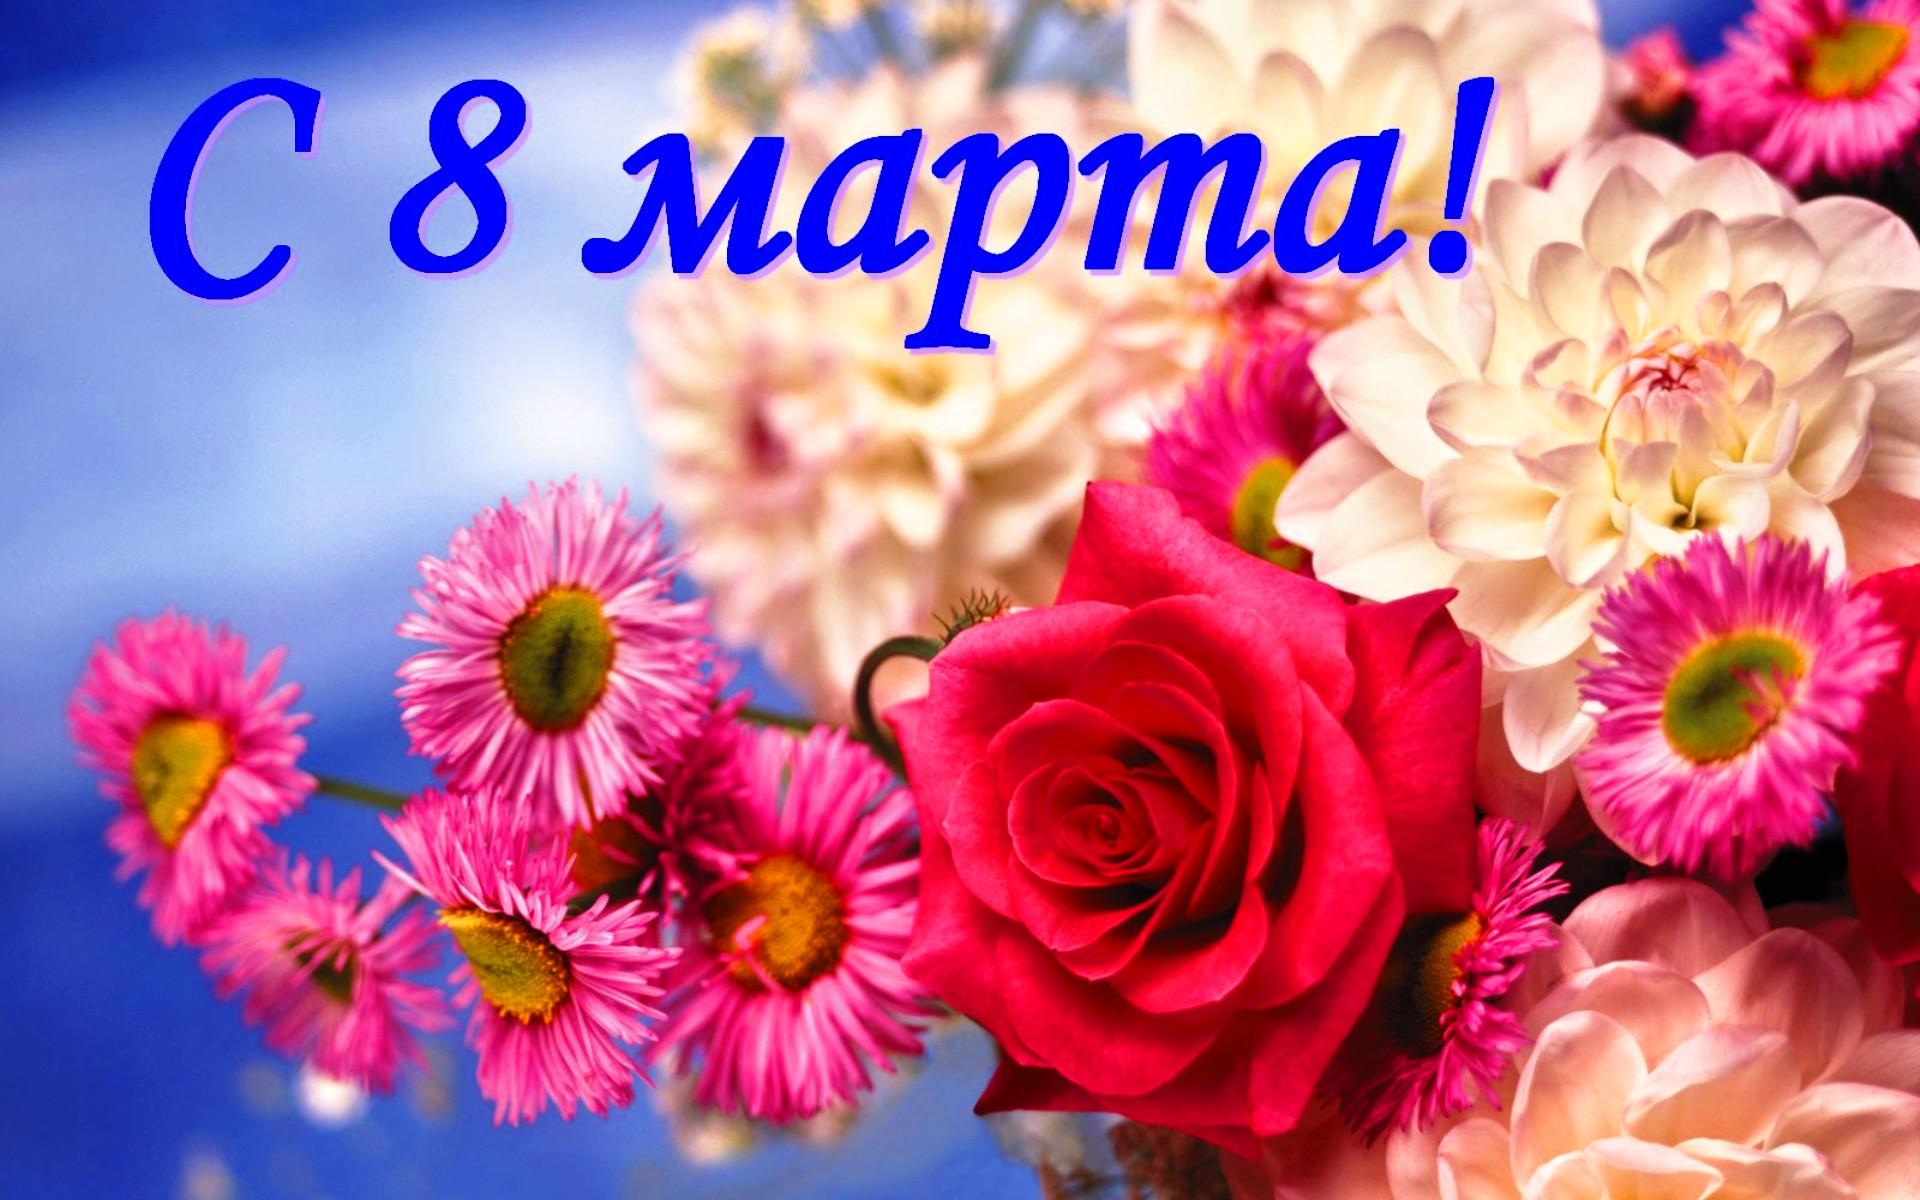 Картинка С 8 марта картинка » 8 марта » Праздники ...